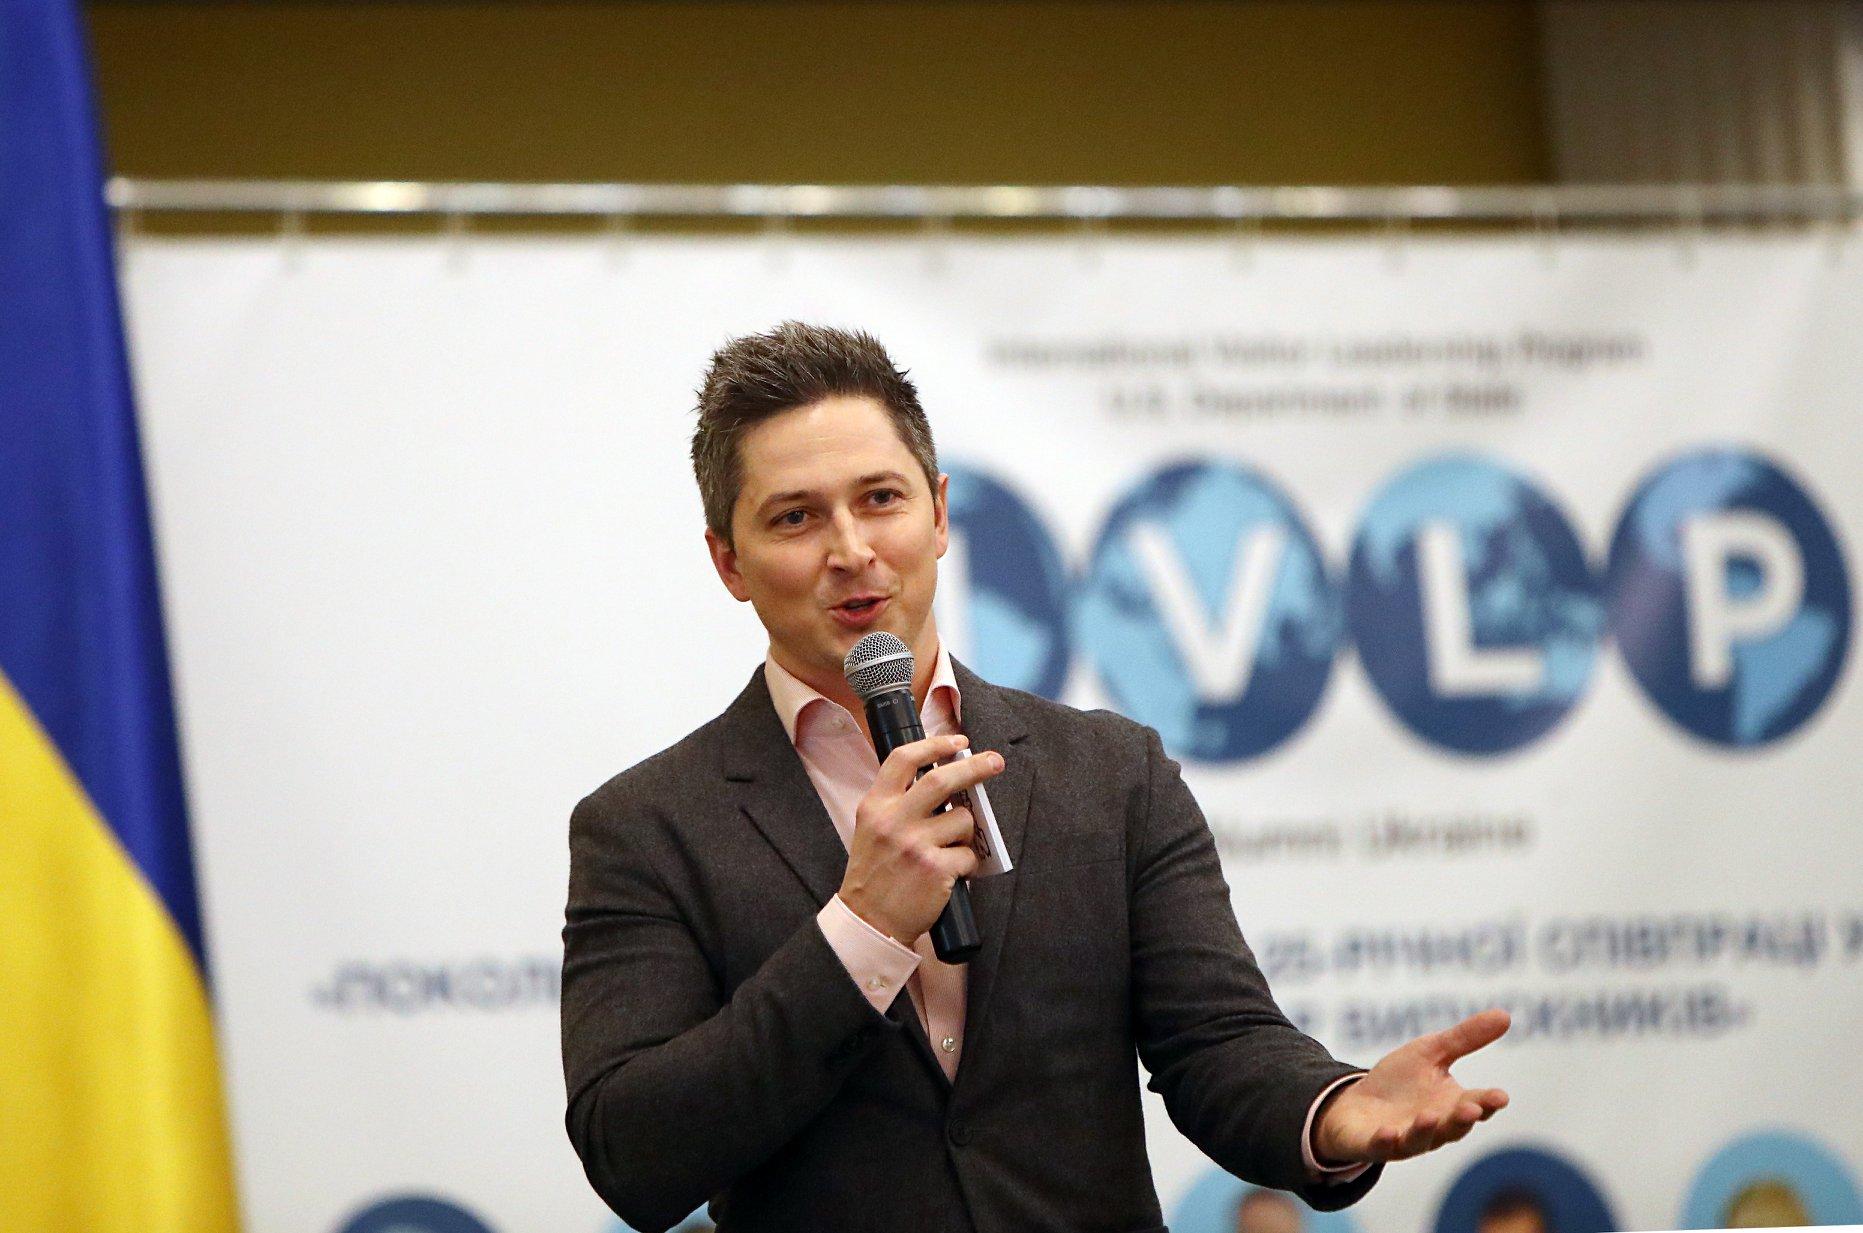 Известный телеведущий Александр Педан приедет в Запорожье, чтобы полностью поменять уроки физкультуры в школах